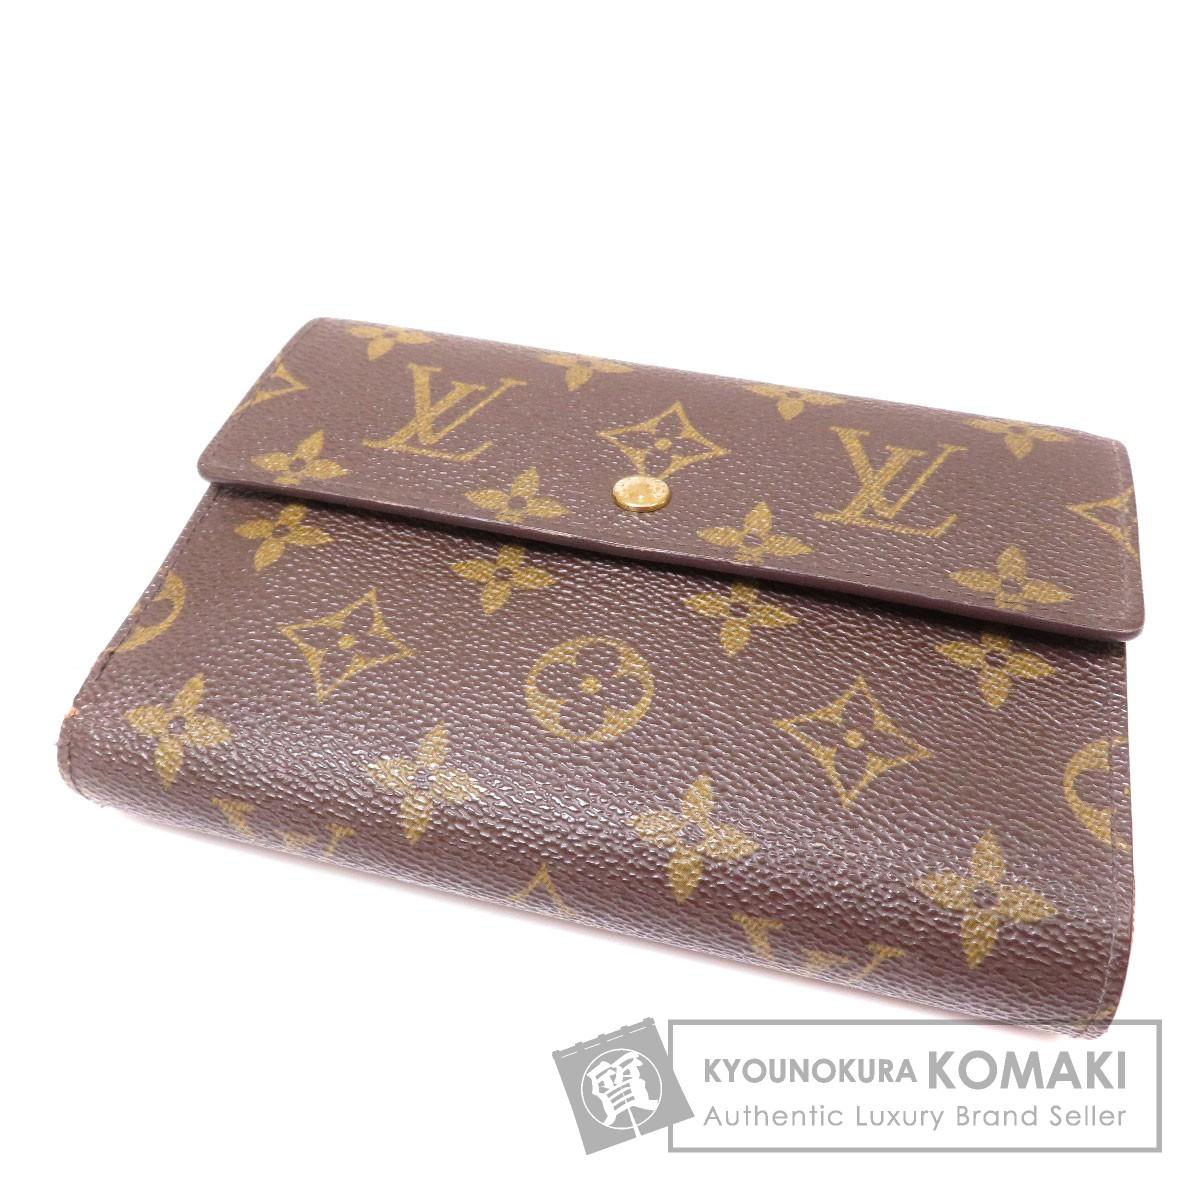 LOUIS VUITTON M61202 ポルトトレゾール エテュイパピエ 二つ折り財布(小銭入れあり) モノグラムキャンバス ユニセックス 【中古】【ルイ・ヴィトン】